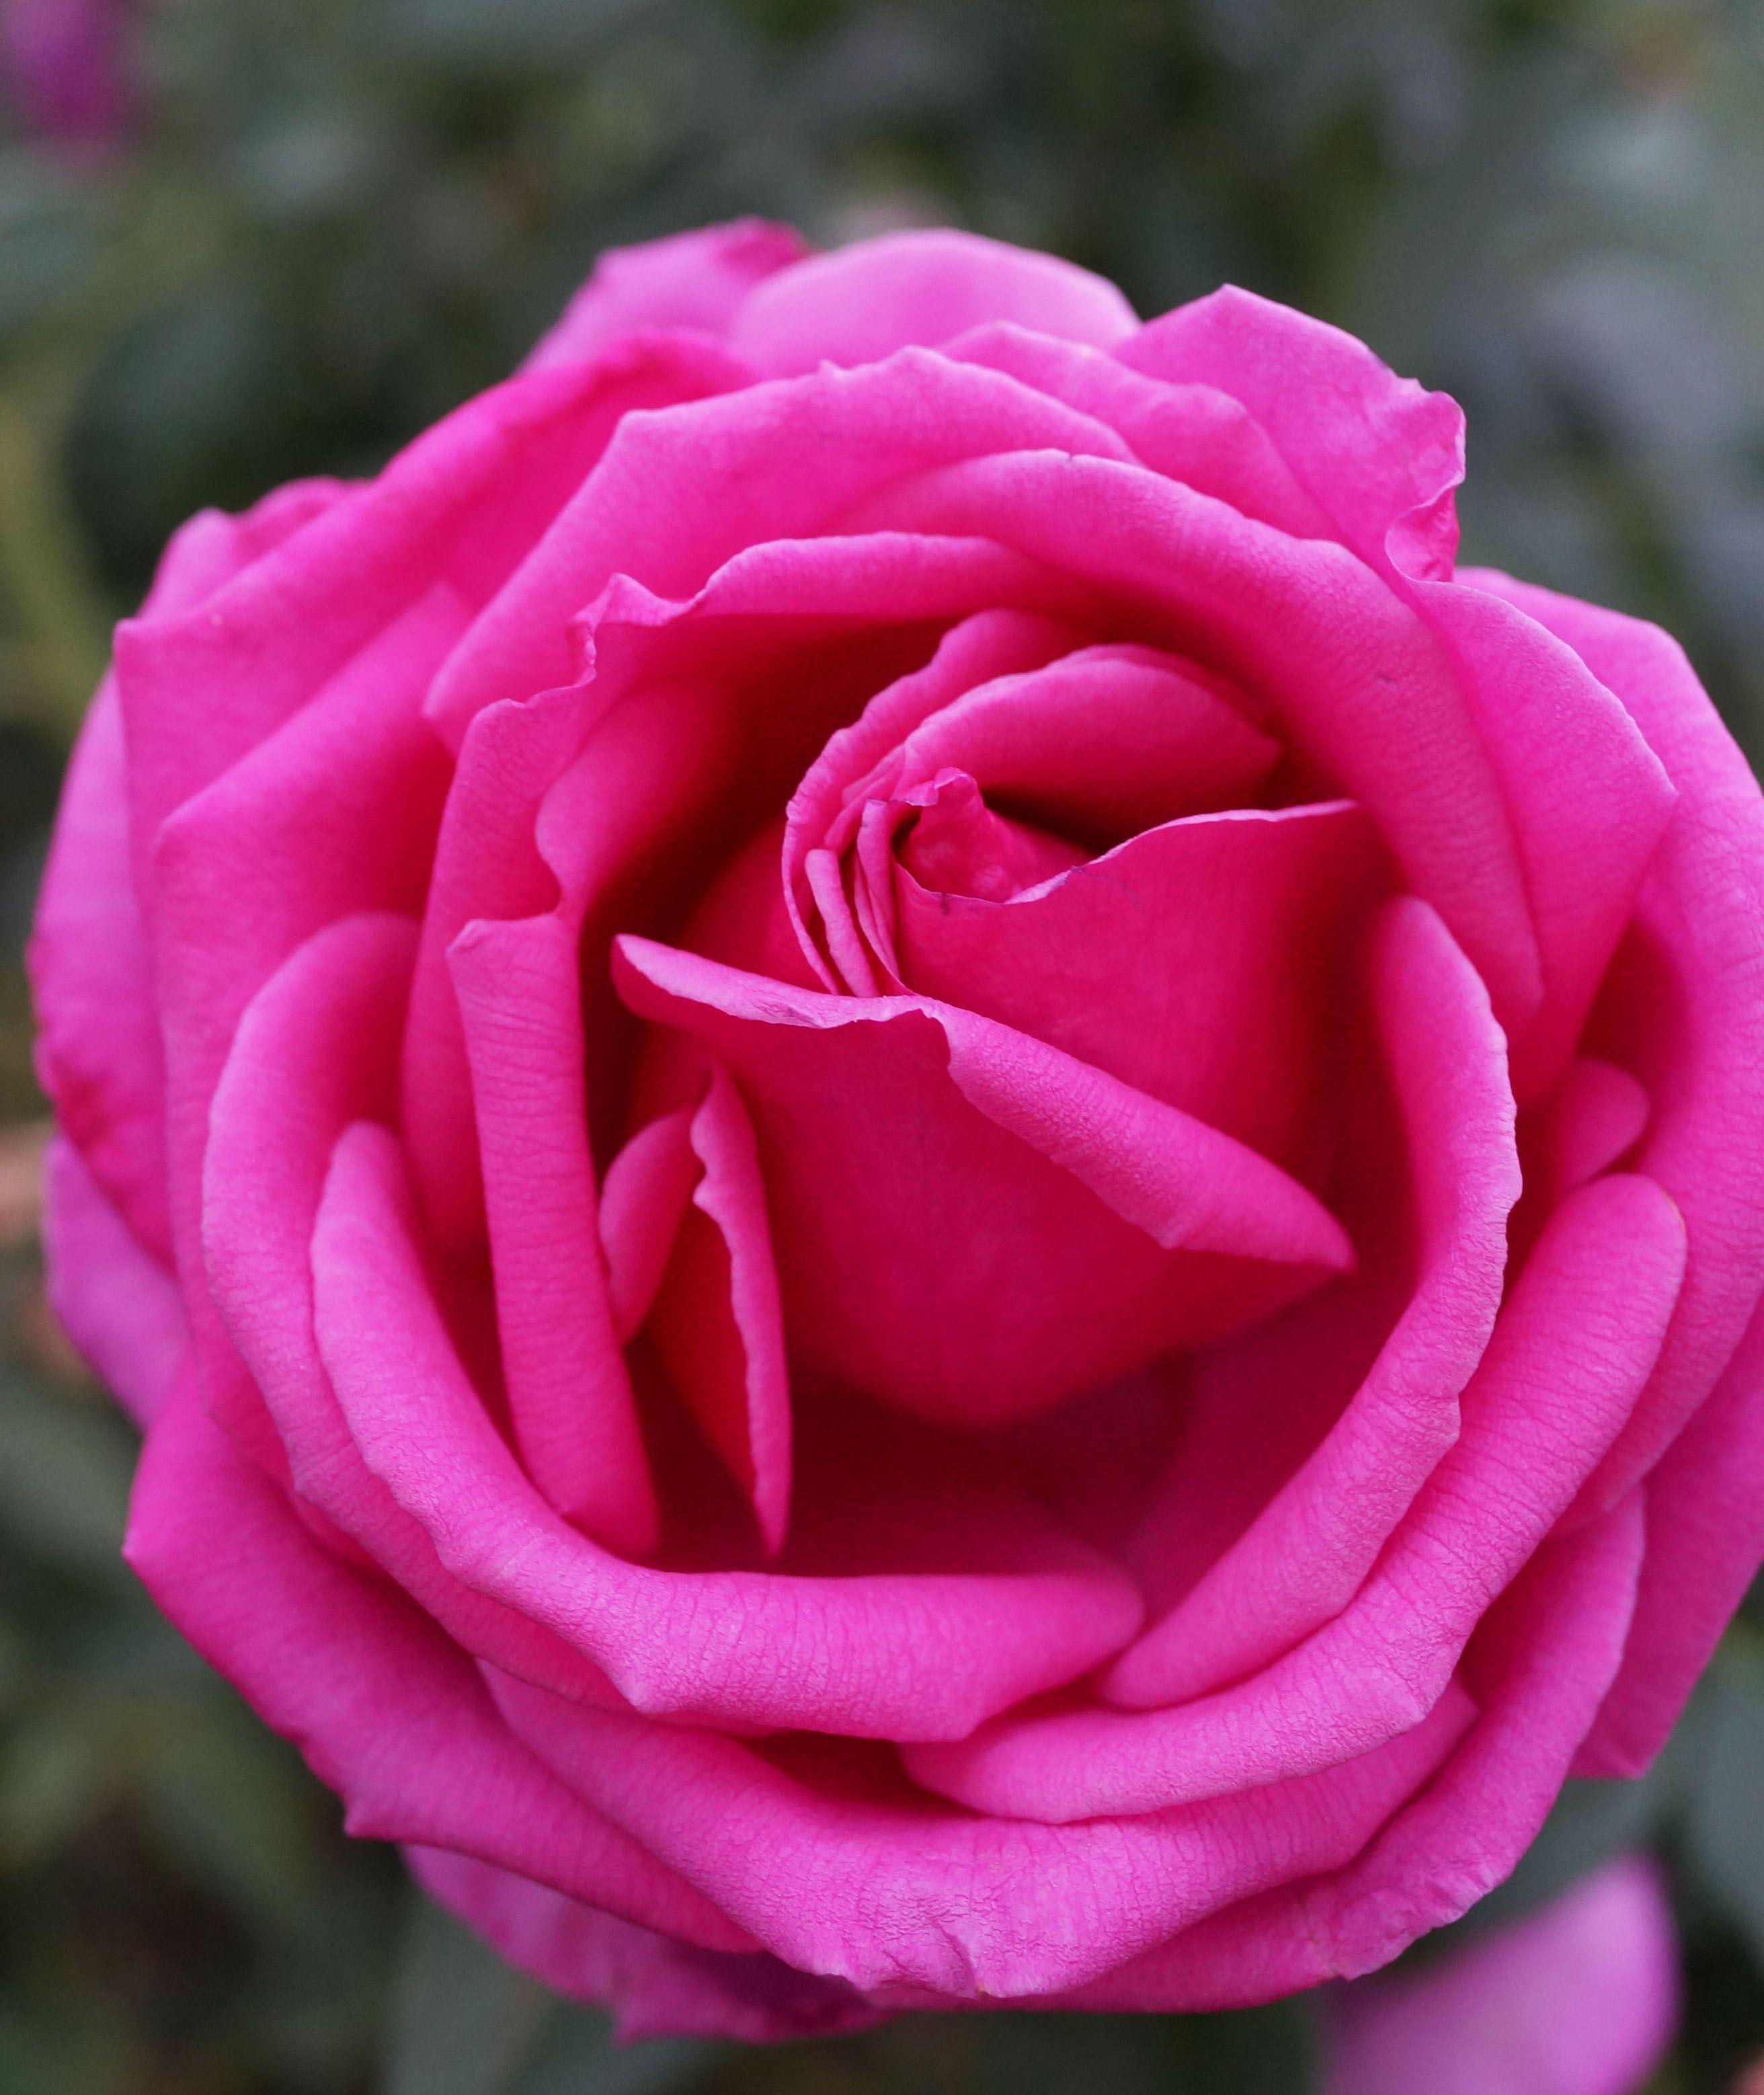 Introducing The Miranda Lambert Rose